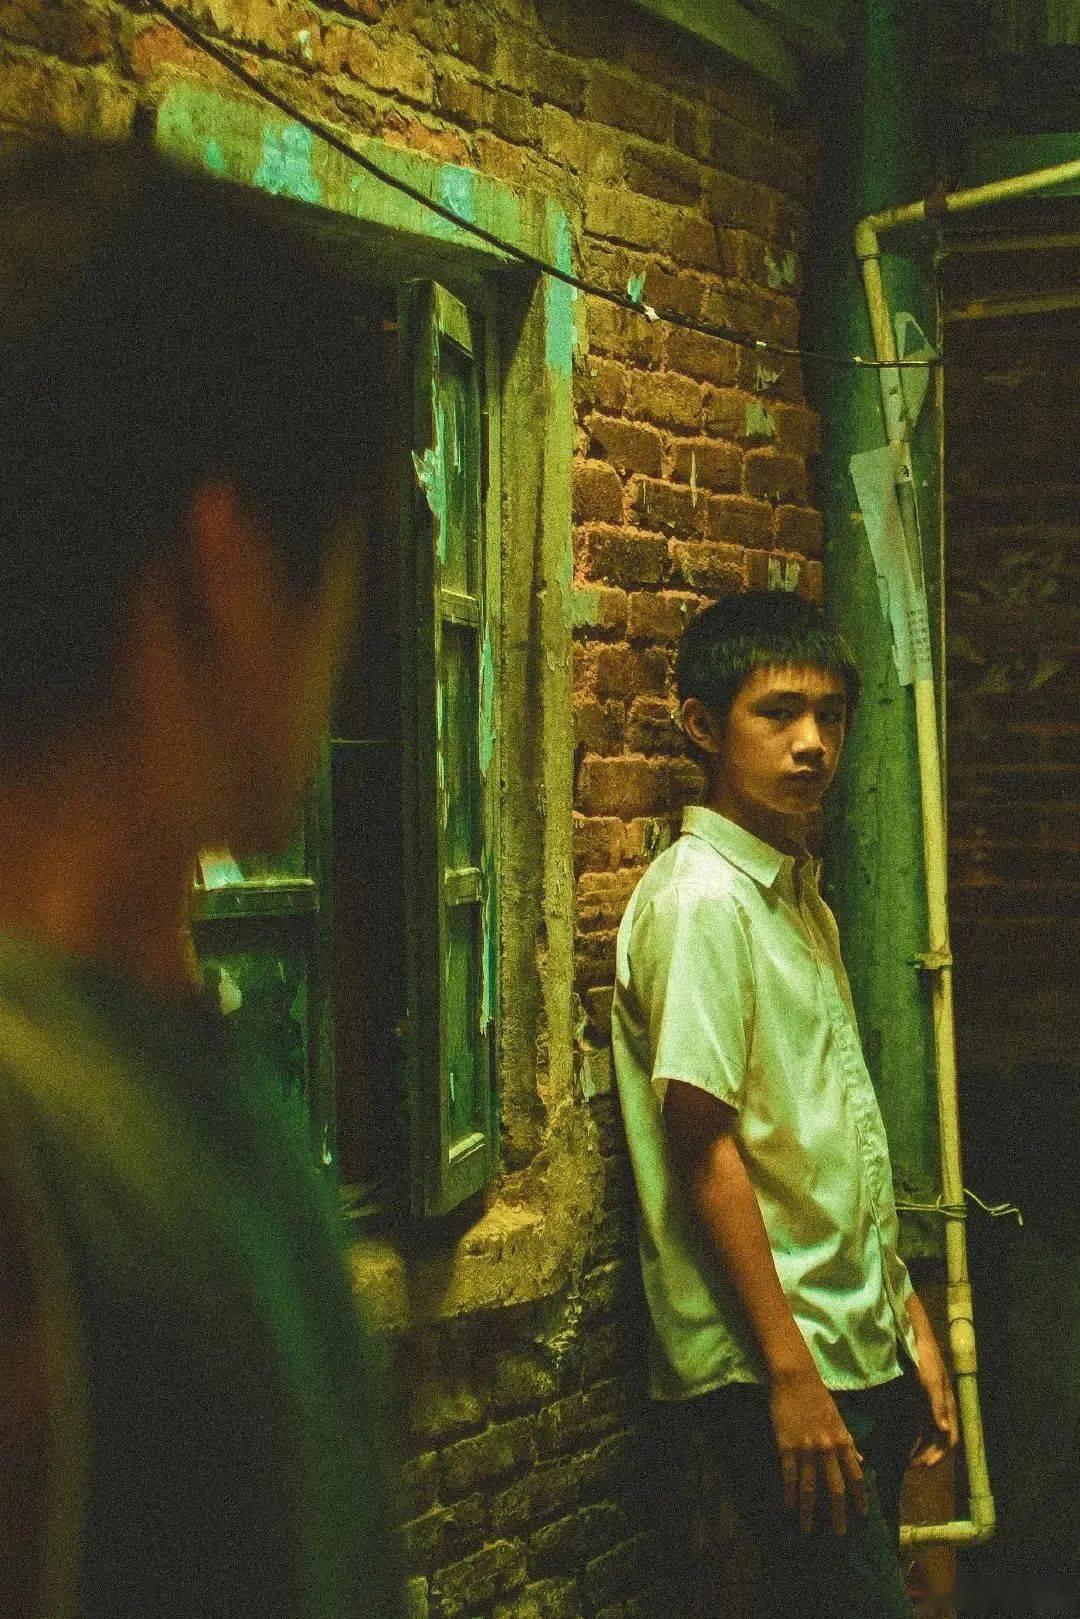 「成为朱朝阳」是对一个孩子最恶毒的诅咒